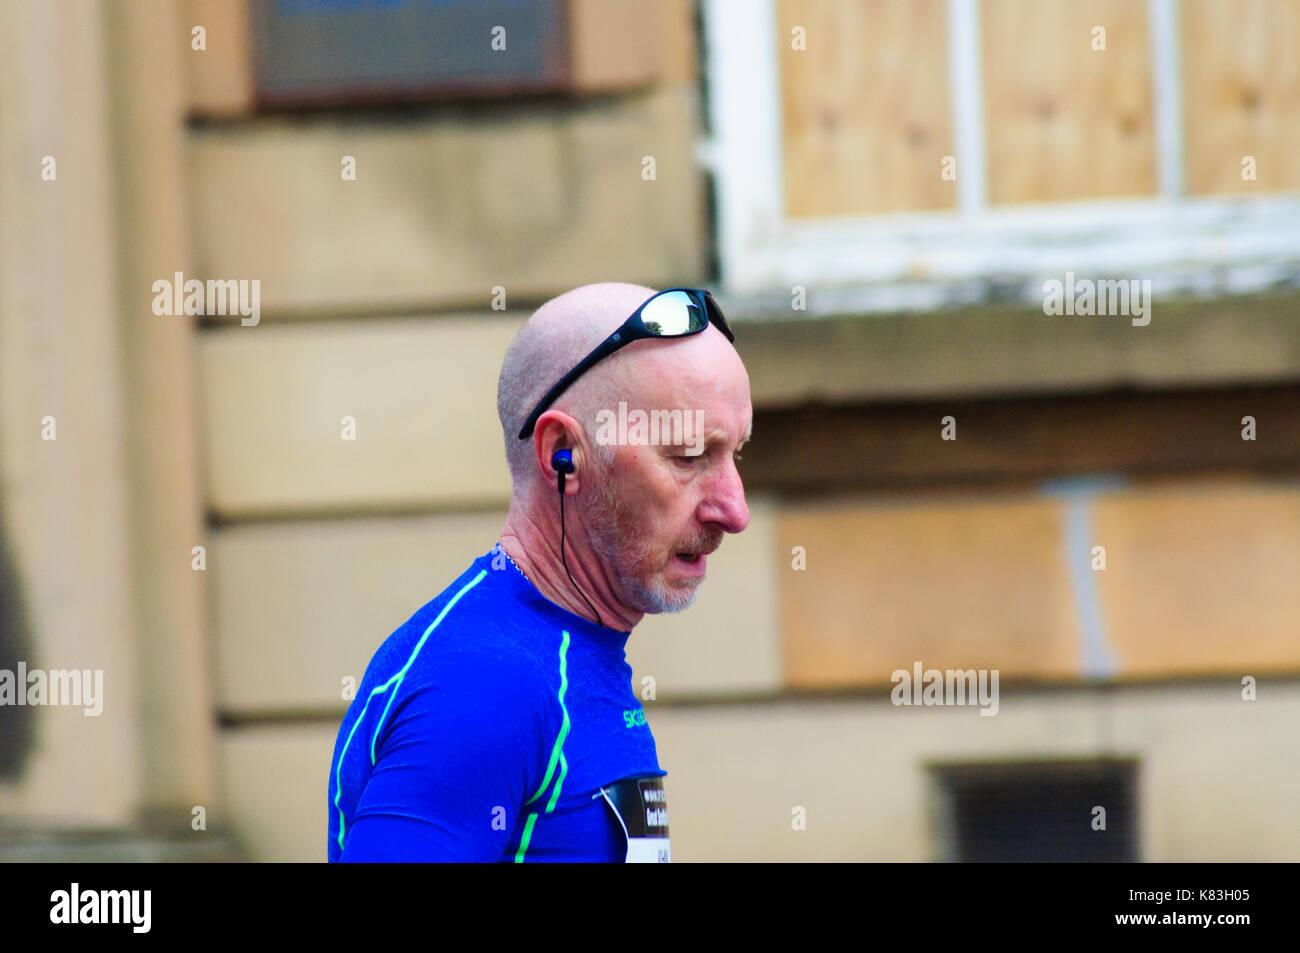 GLASGOW, Schottland - OKTOBER 2, 2016: Runner konkurrieren auf den Straßen der Stadt während der großen Schottischen Stockfoto